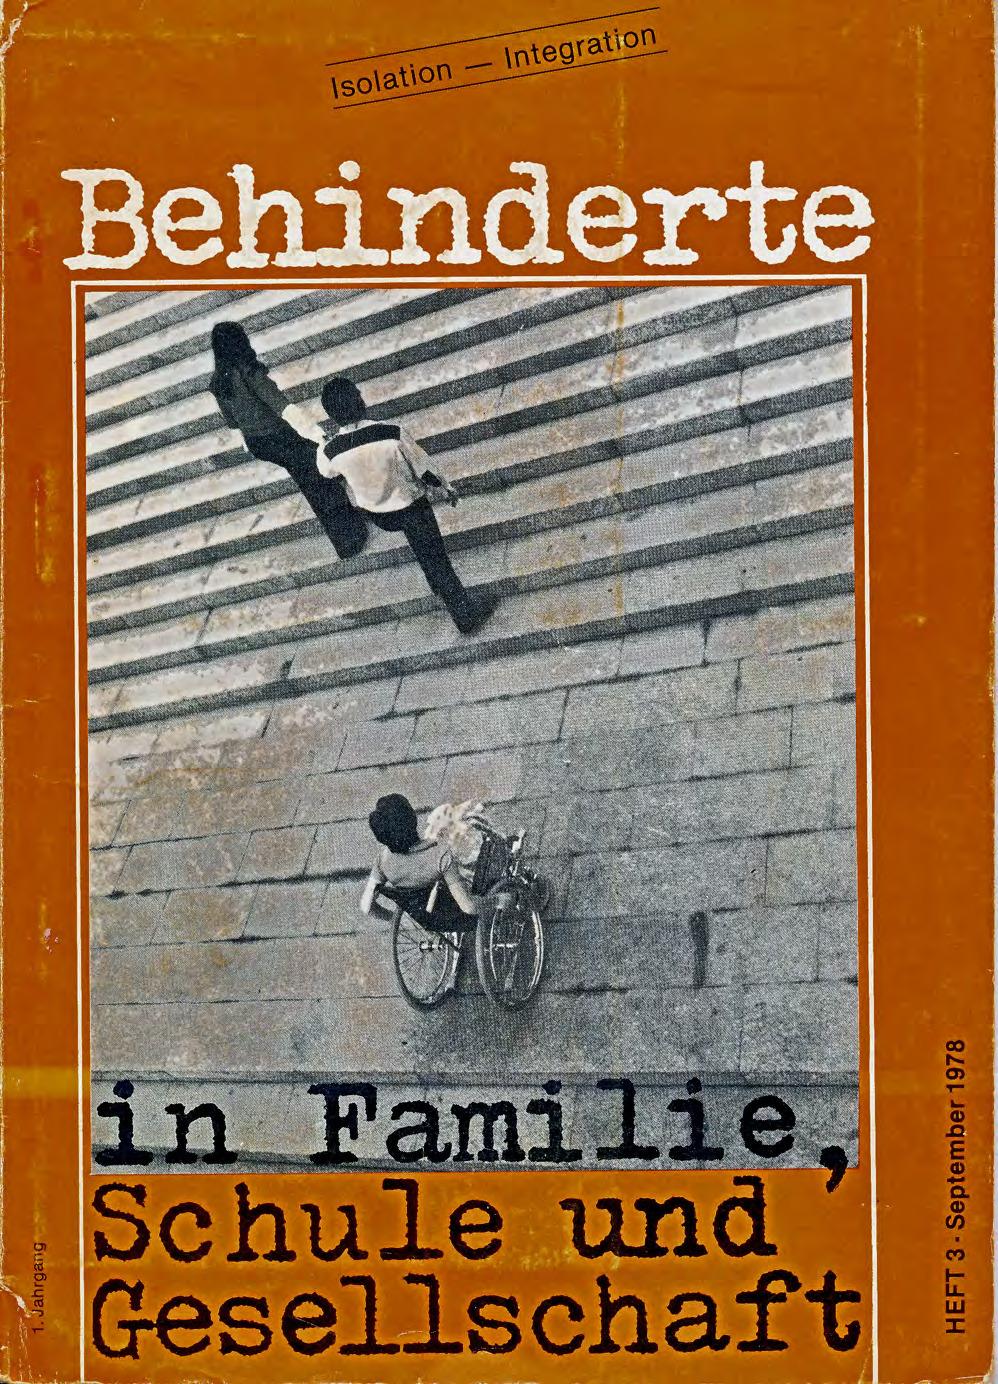 """Titelbild der Zeitschrift BEHINDERTE MENSCHEN, Ausgabe 3/1978 """"Isolation – Integration"""""""